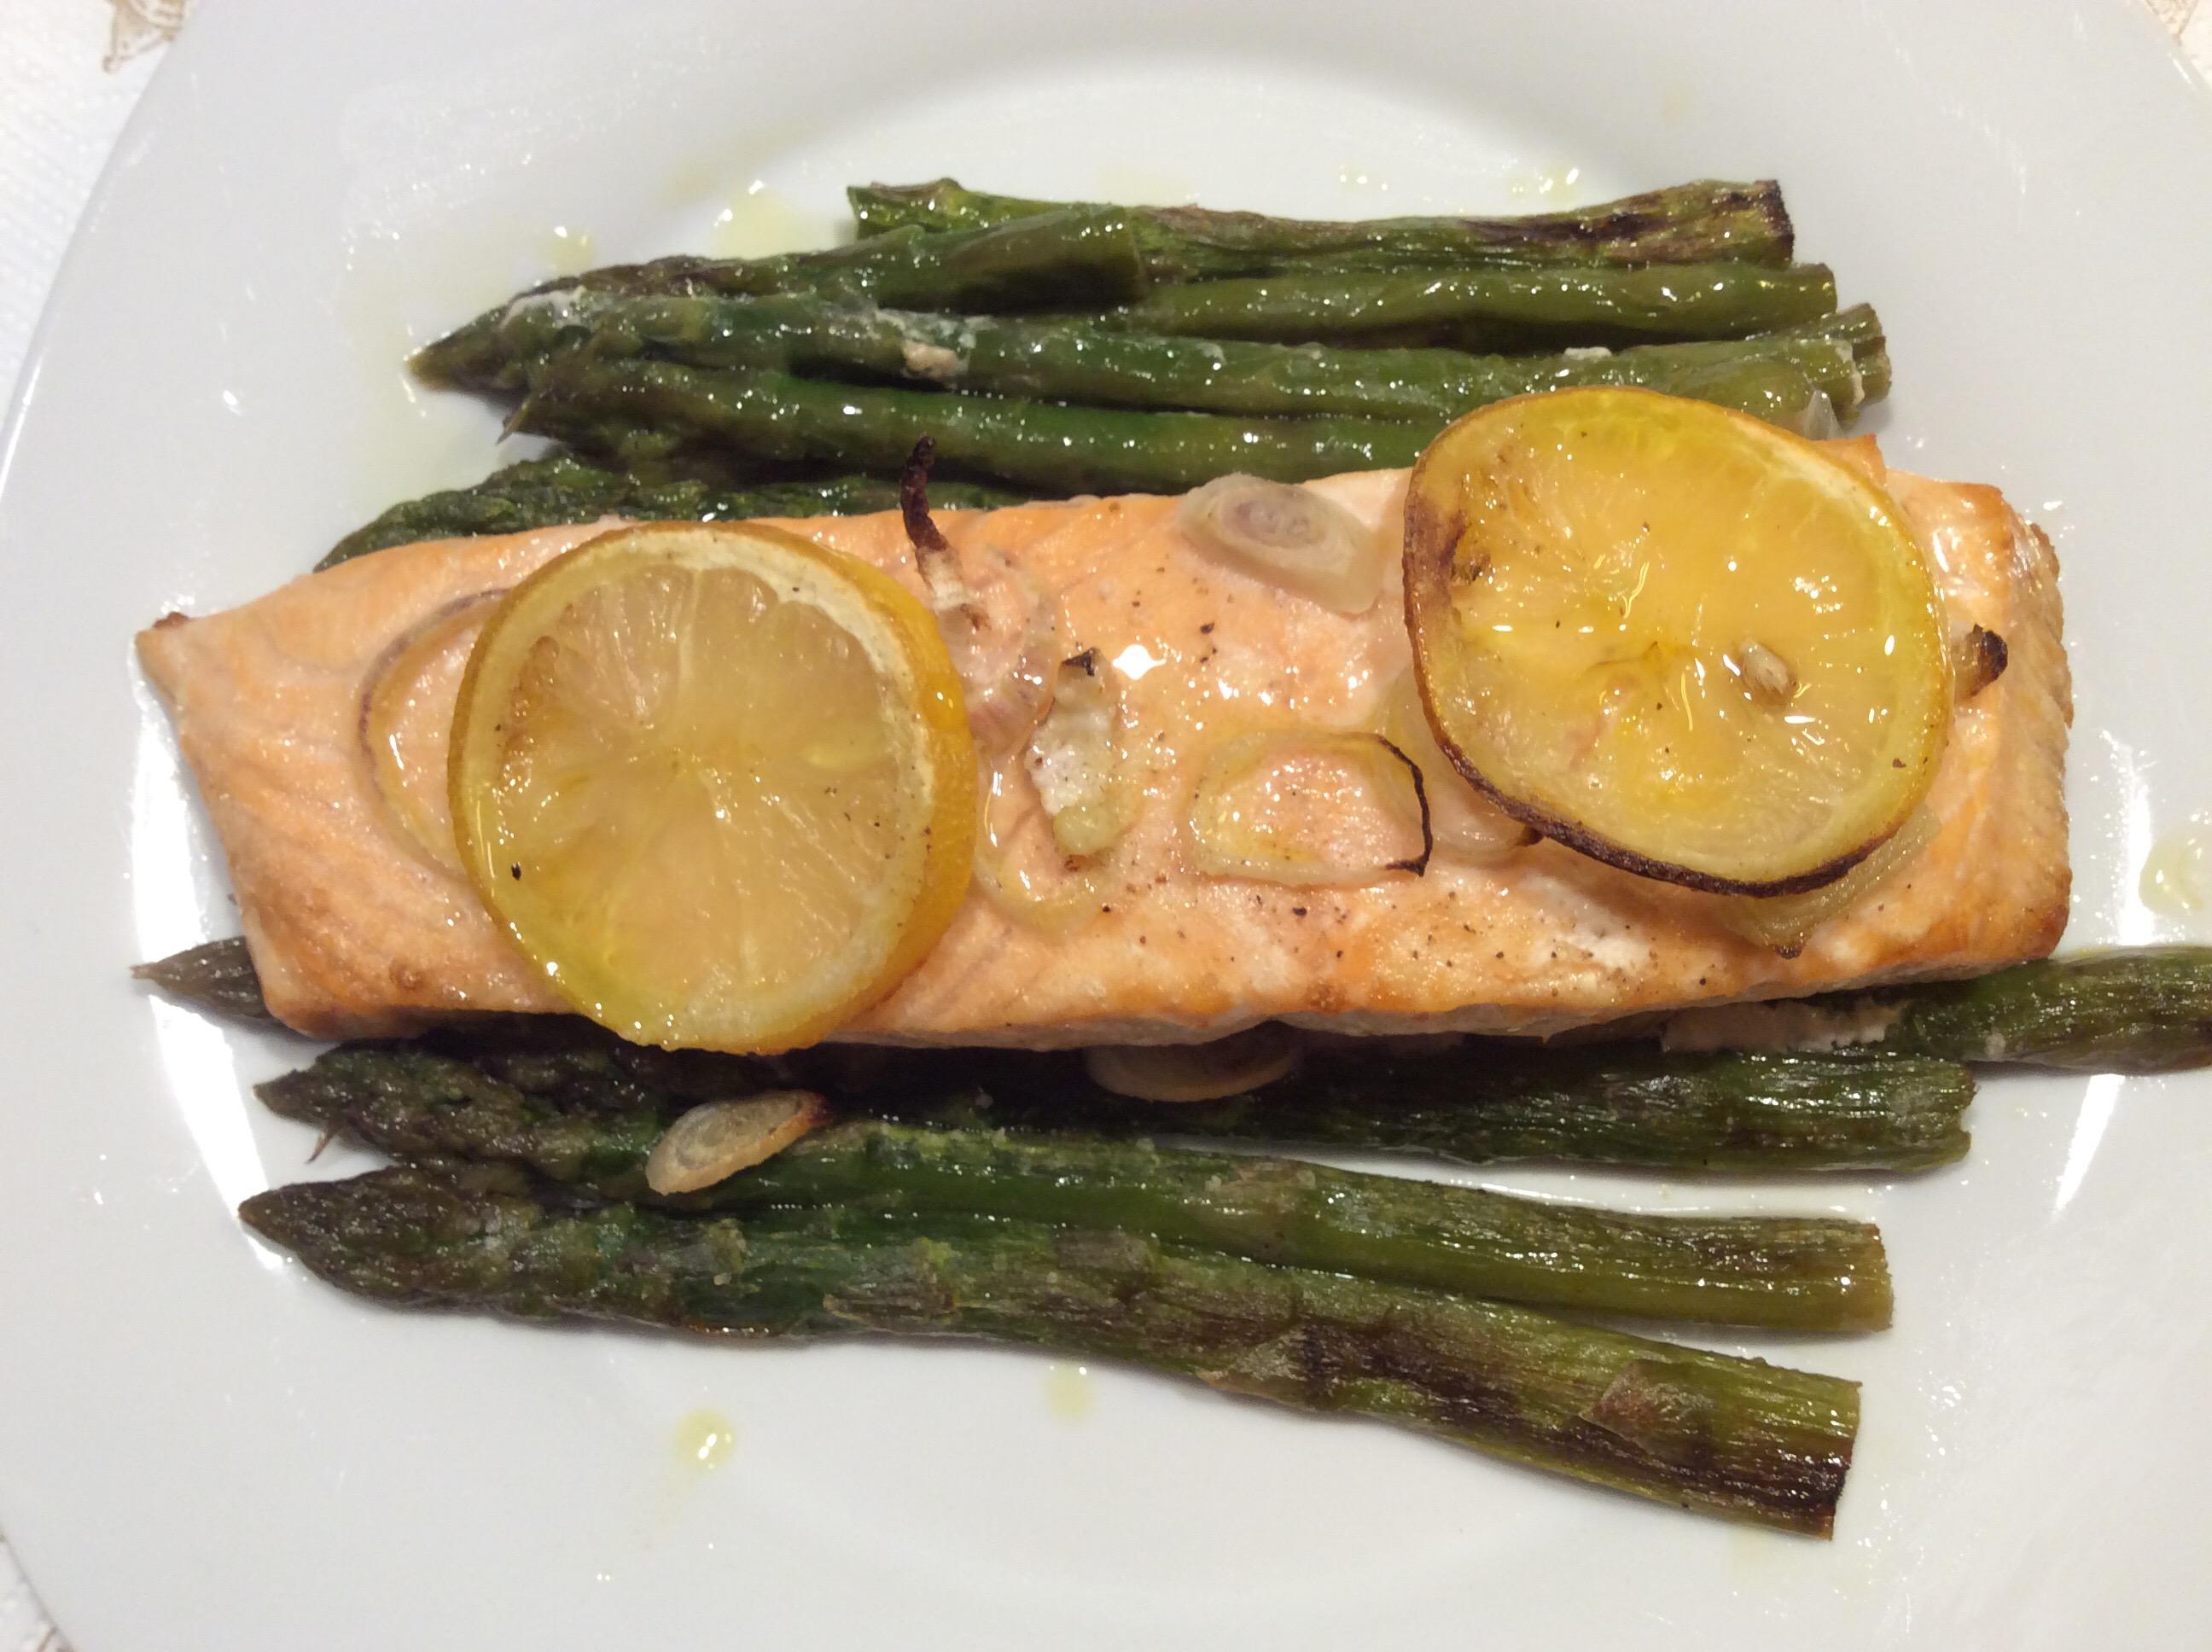 Ricetta Salmone Asparagi.Salmone Al Forno Con Asparagi In Cucina Con Lilly